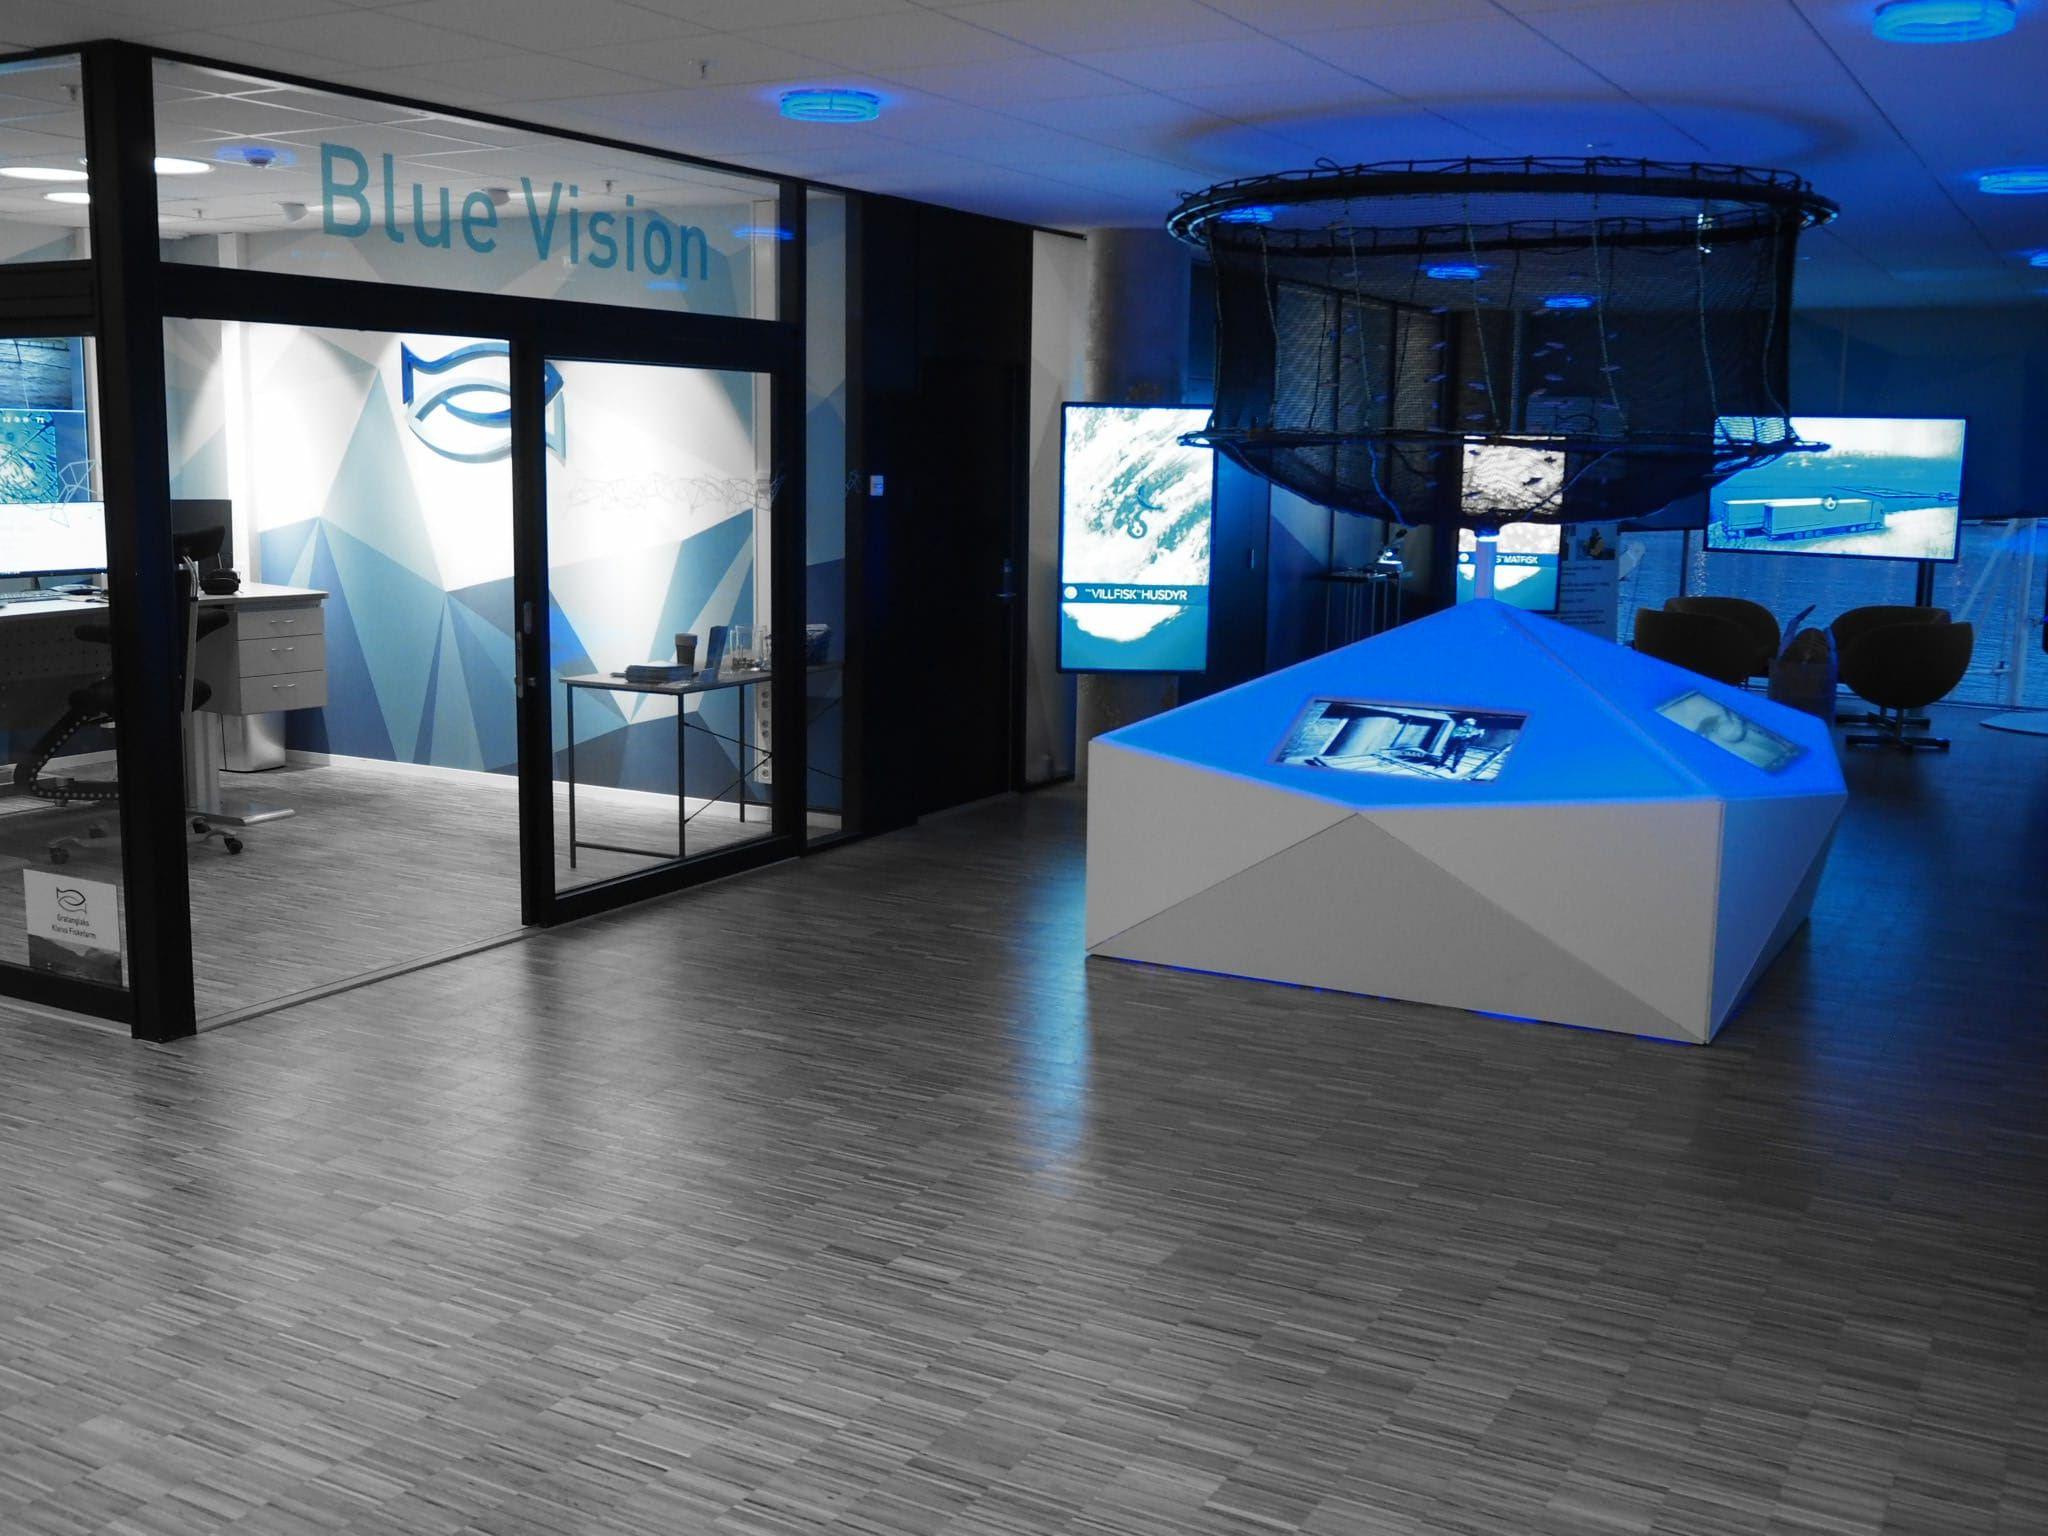 © Blue Vision, Blue Vision